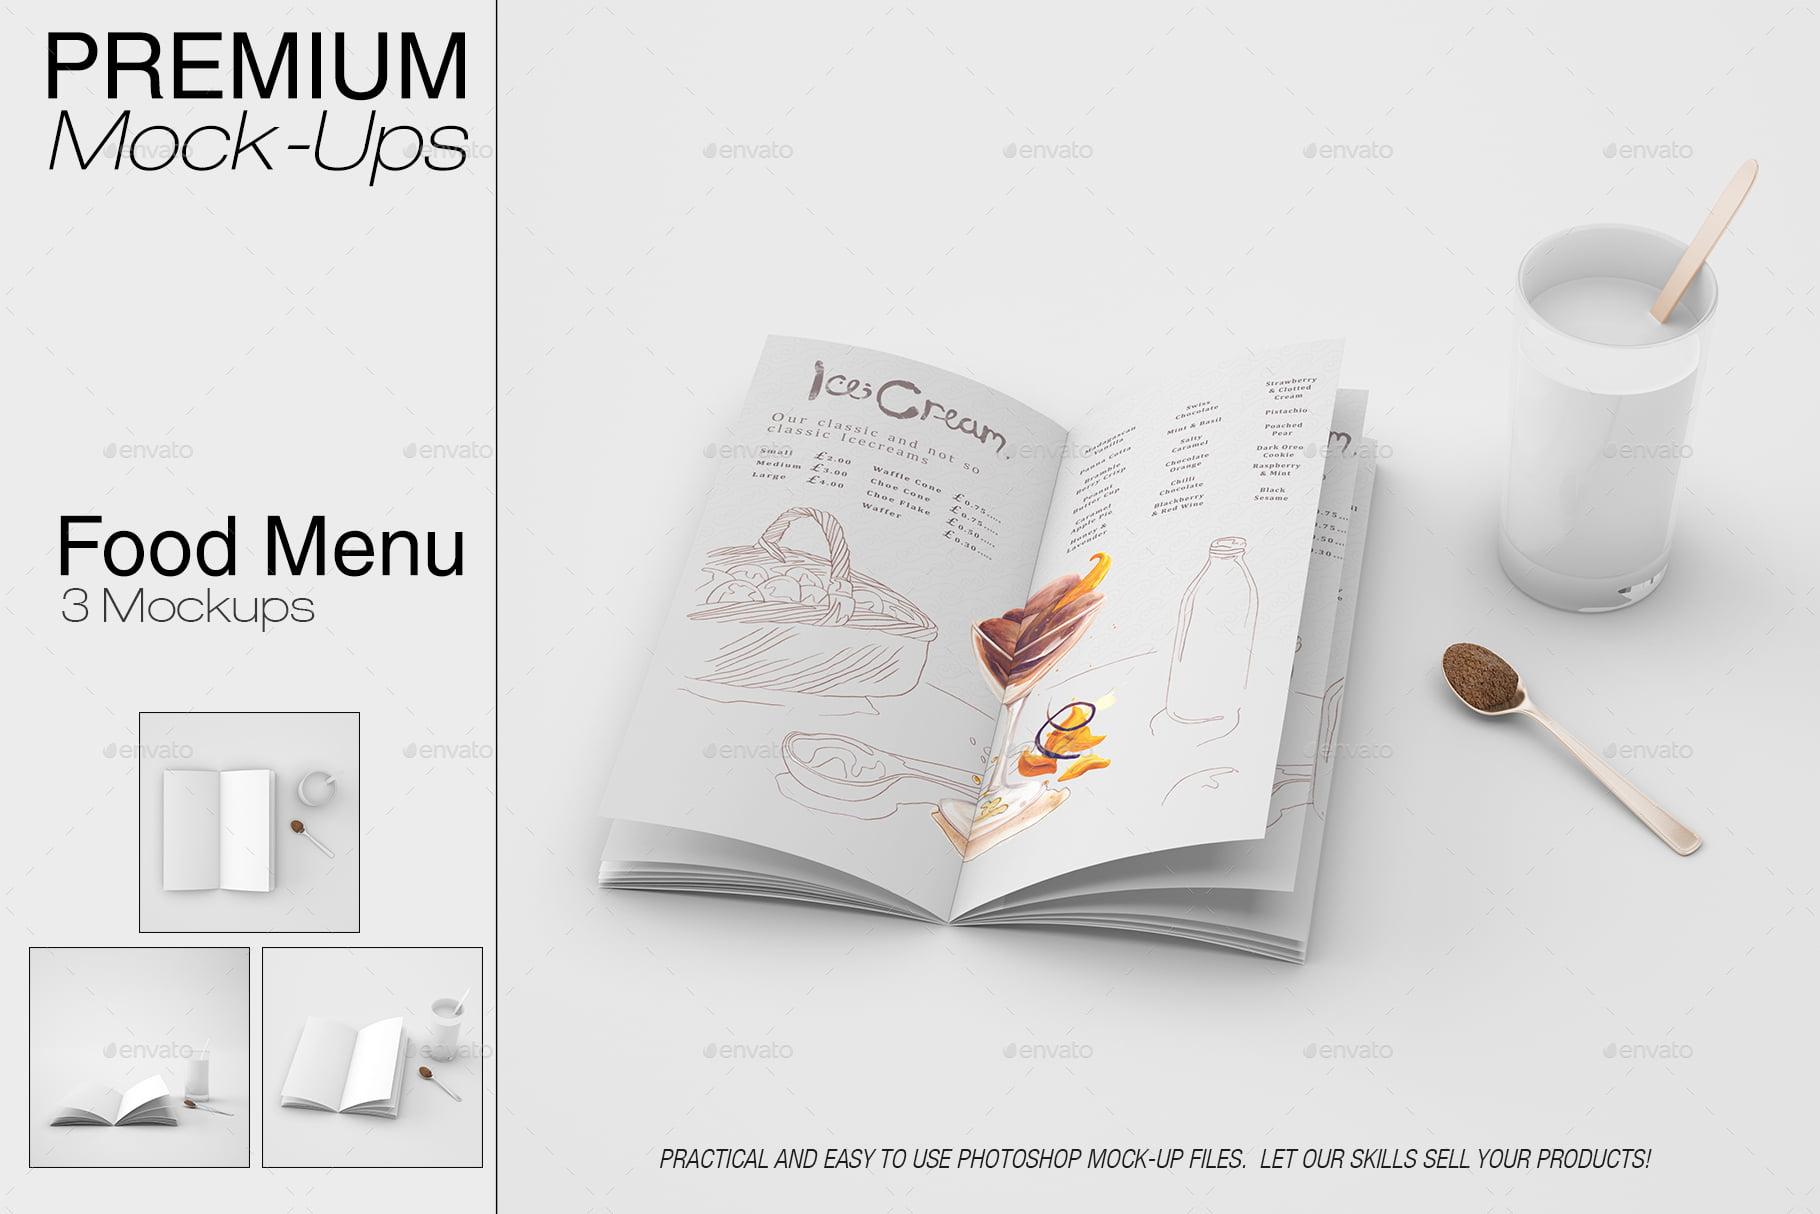 Food-Drink-Designs - 53+ Impressive BEST Free Food & Drink Designs [year]